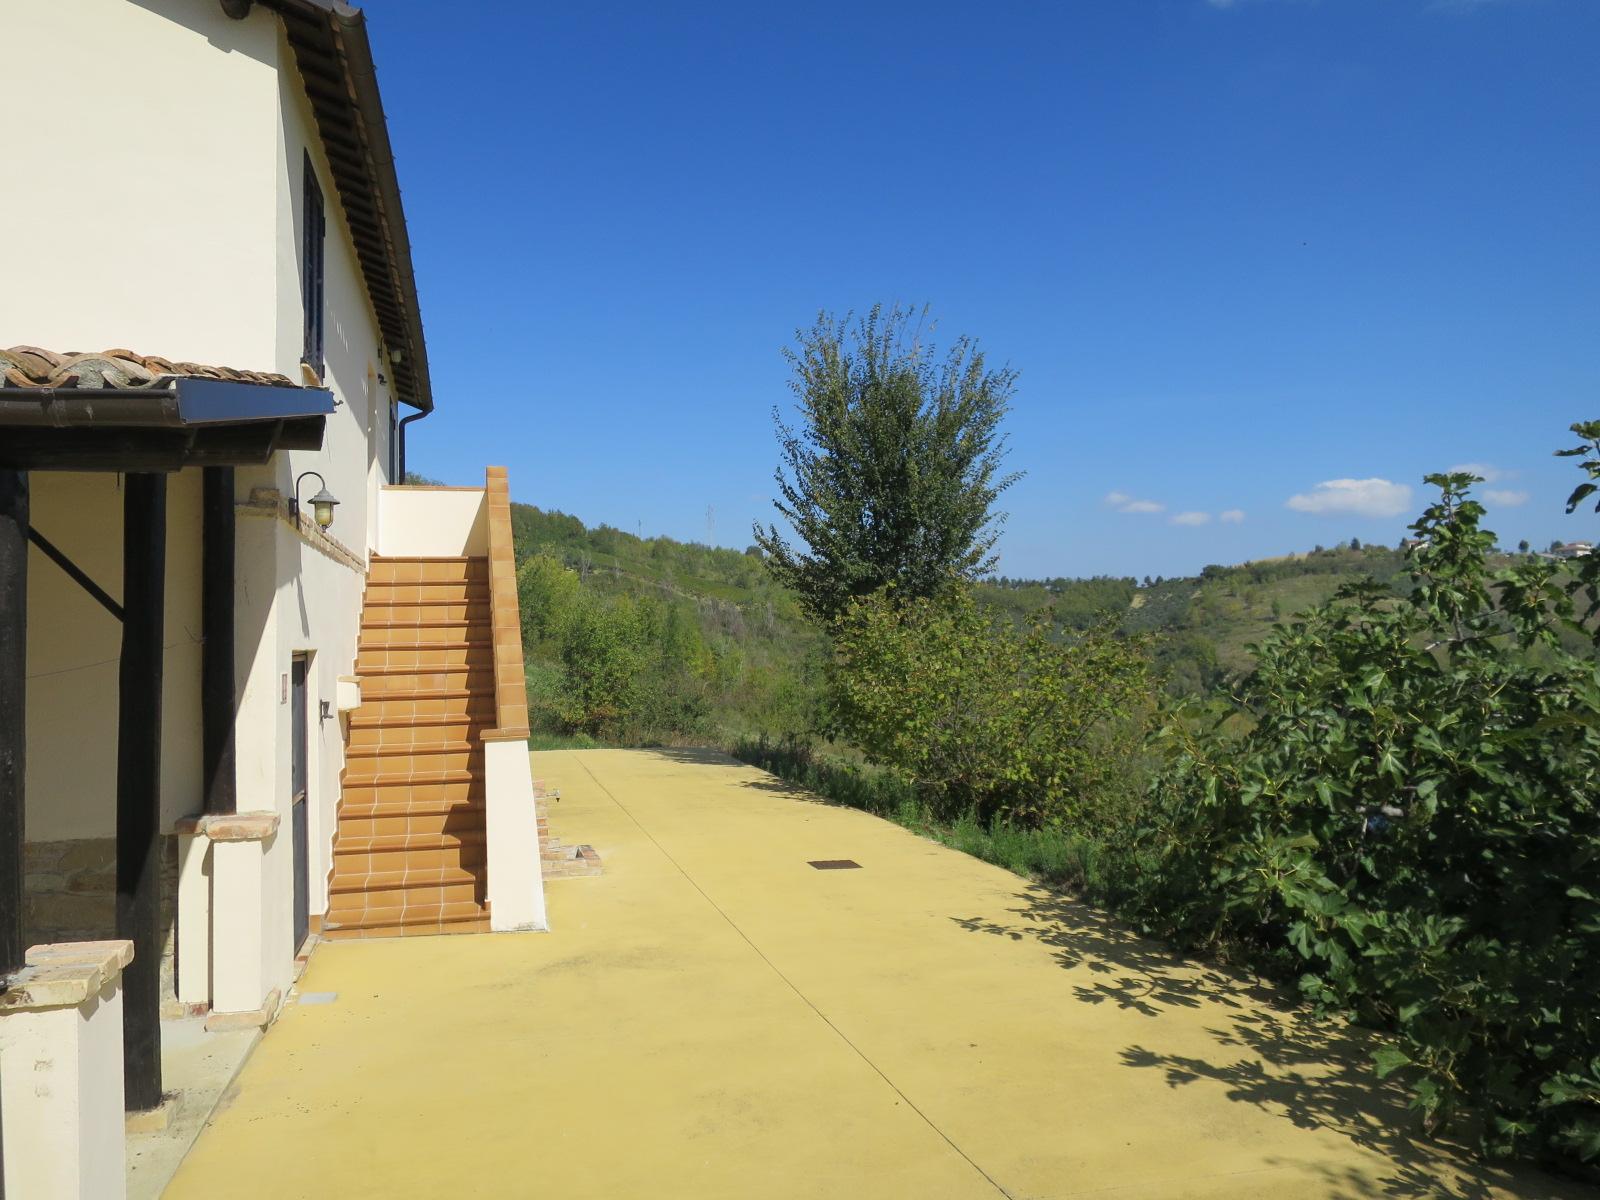 Casa di campagna Casa di campagna in vendita Montefino (TE), Casa Collina - Montefino - EUR 151.447 270